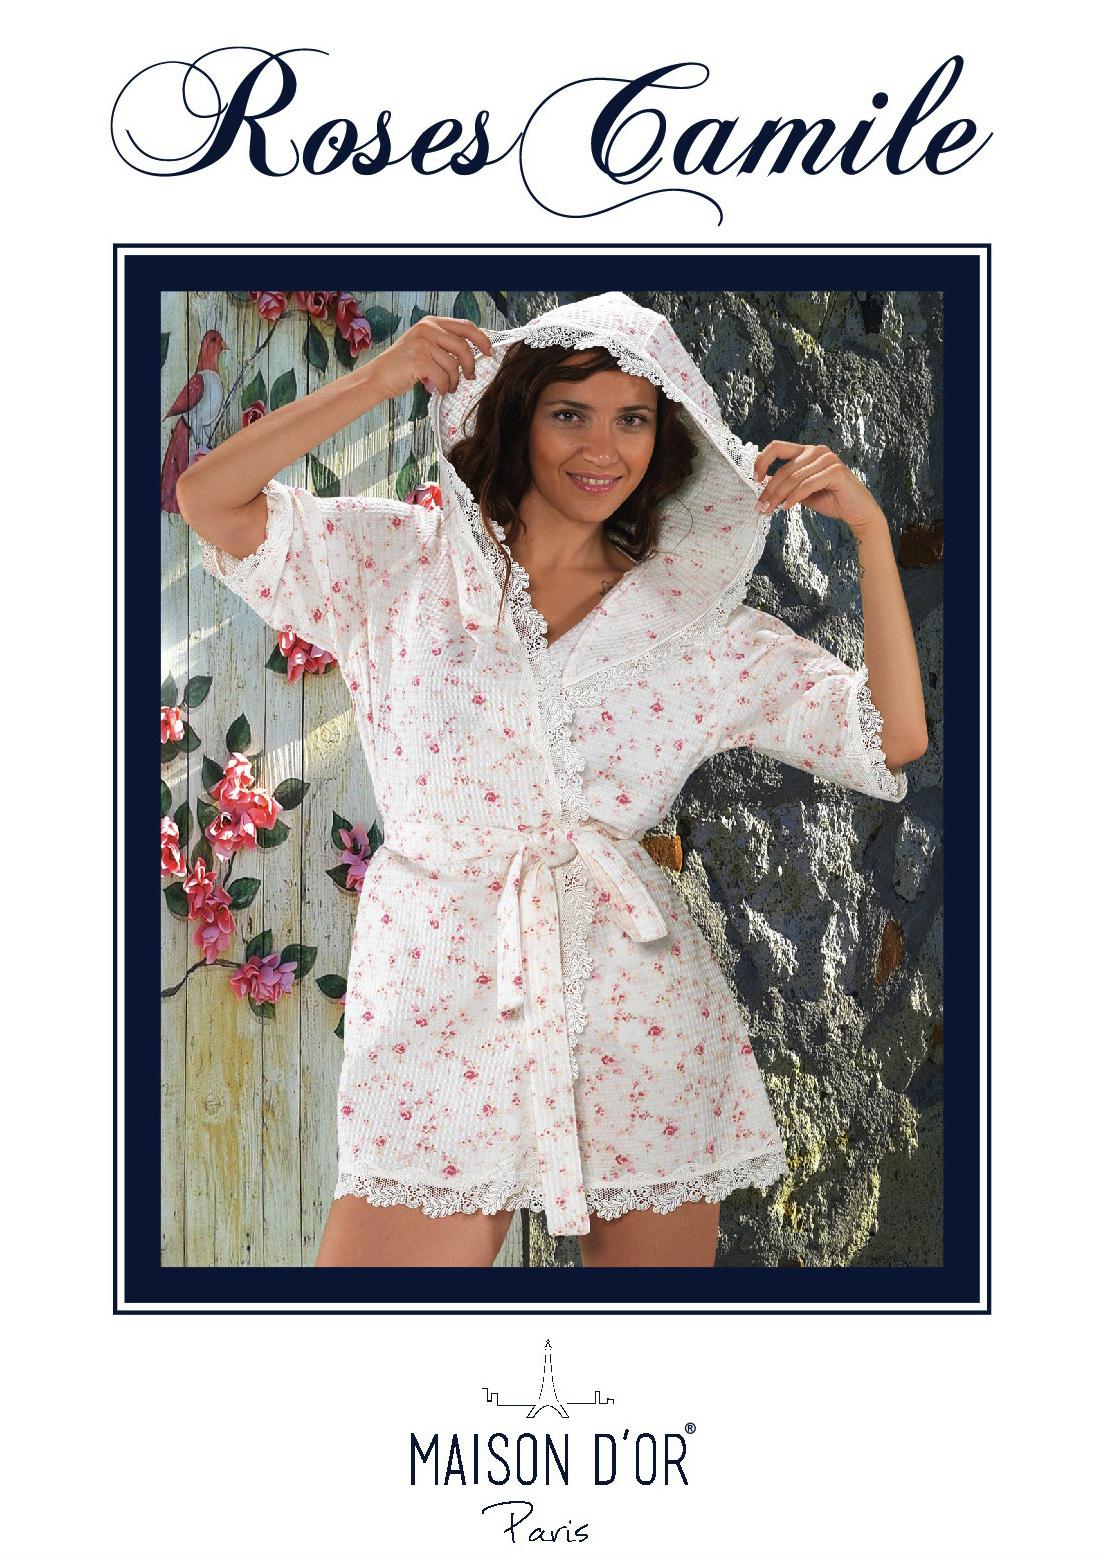 Легкие и вафельные халаты Roses camile - РОСЕС КАМИЛЕ женский вафельный халат  Maison Dor Турция Roses_Camile-K.jpg